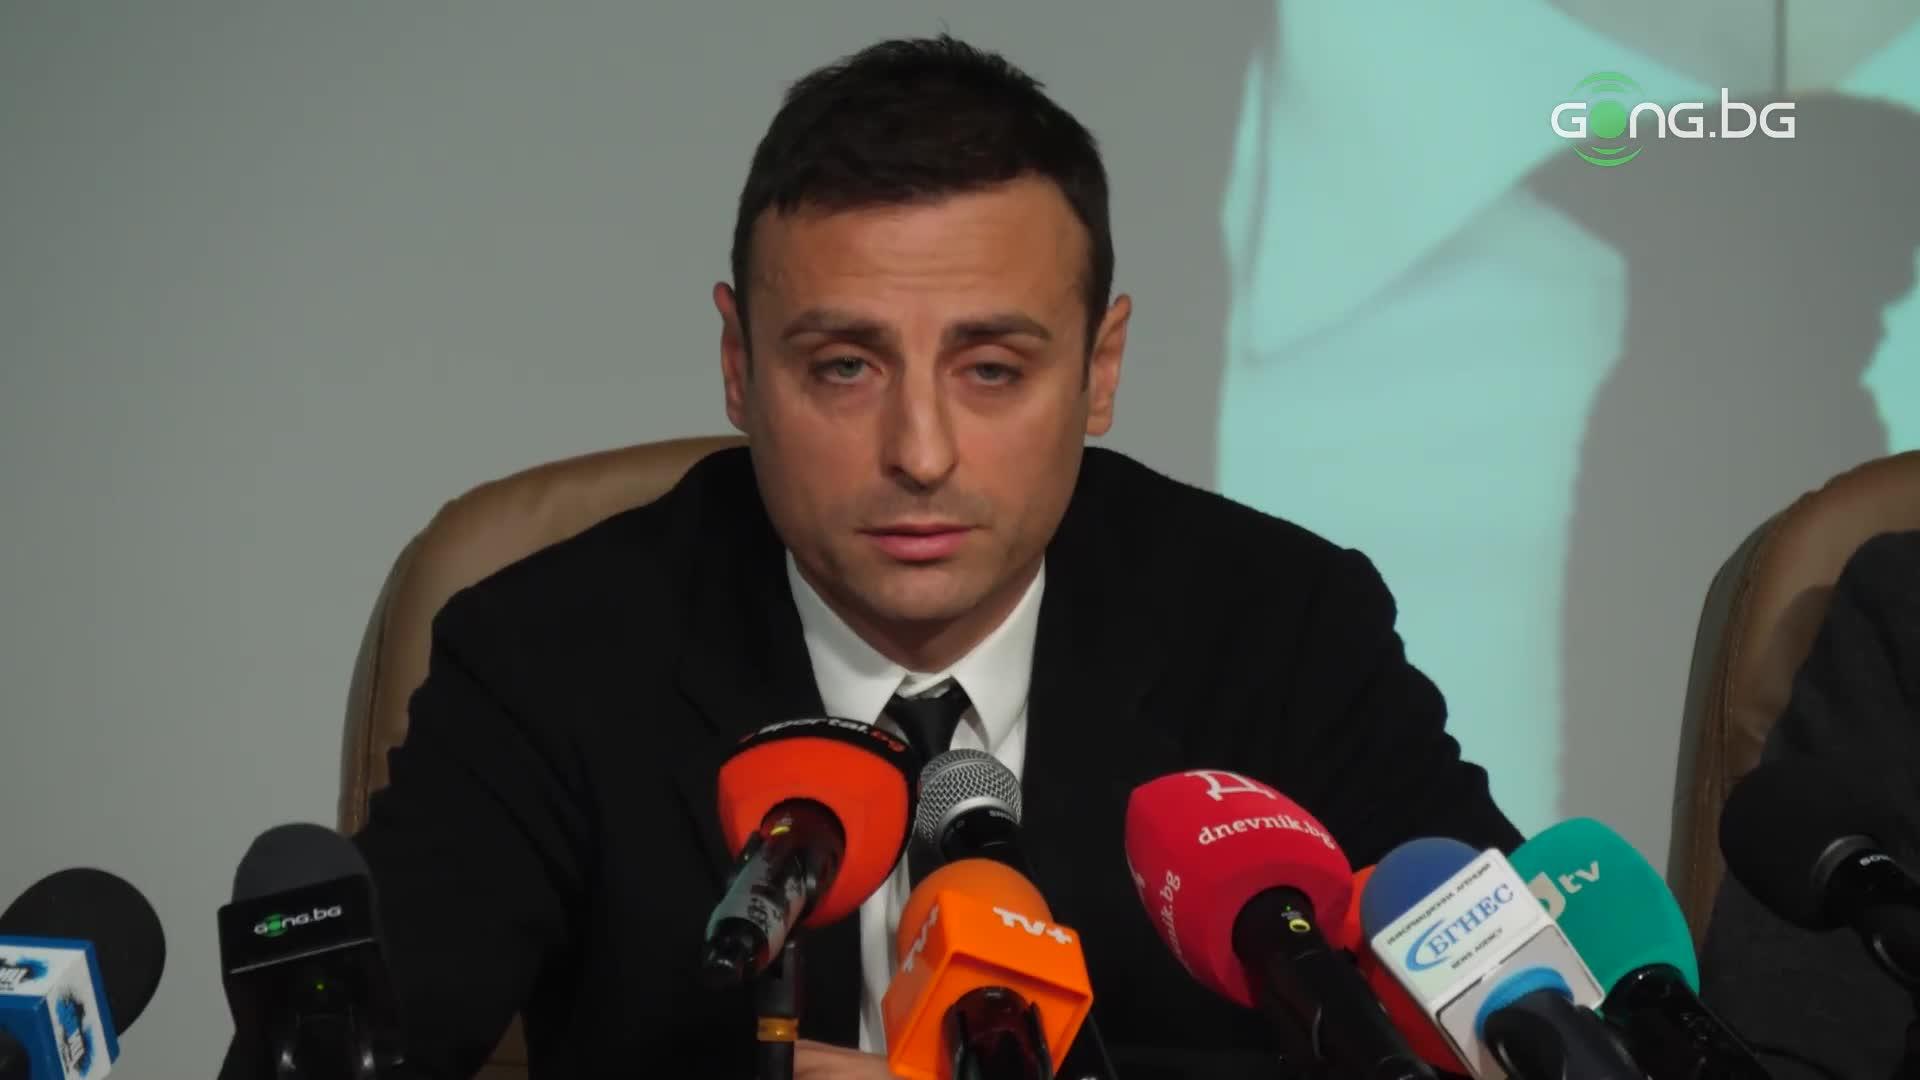 Бербатов: Защо има две охранителни фирми на конгреса? Ние ще се бием ли?